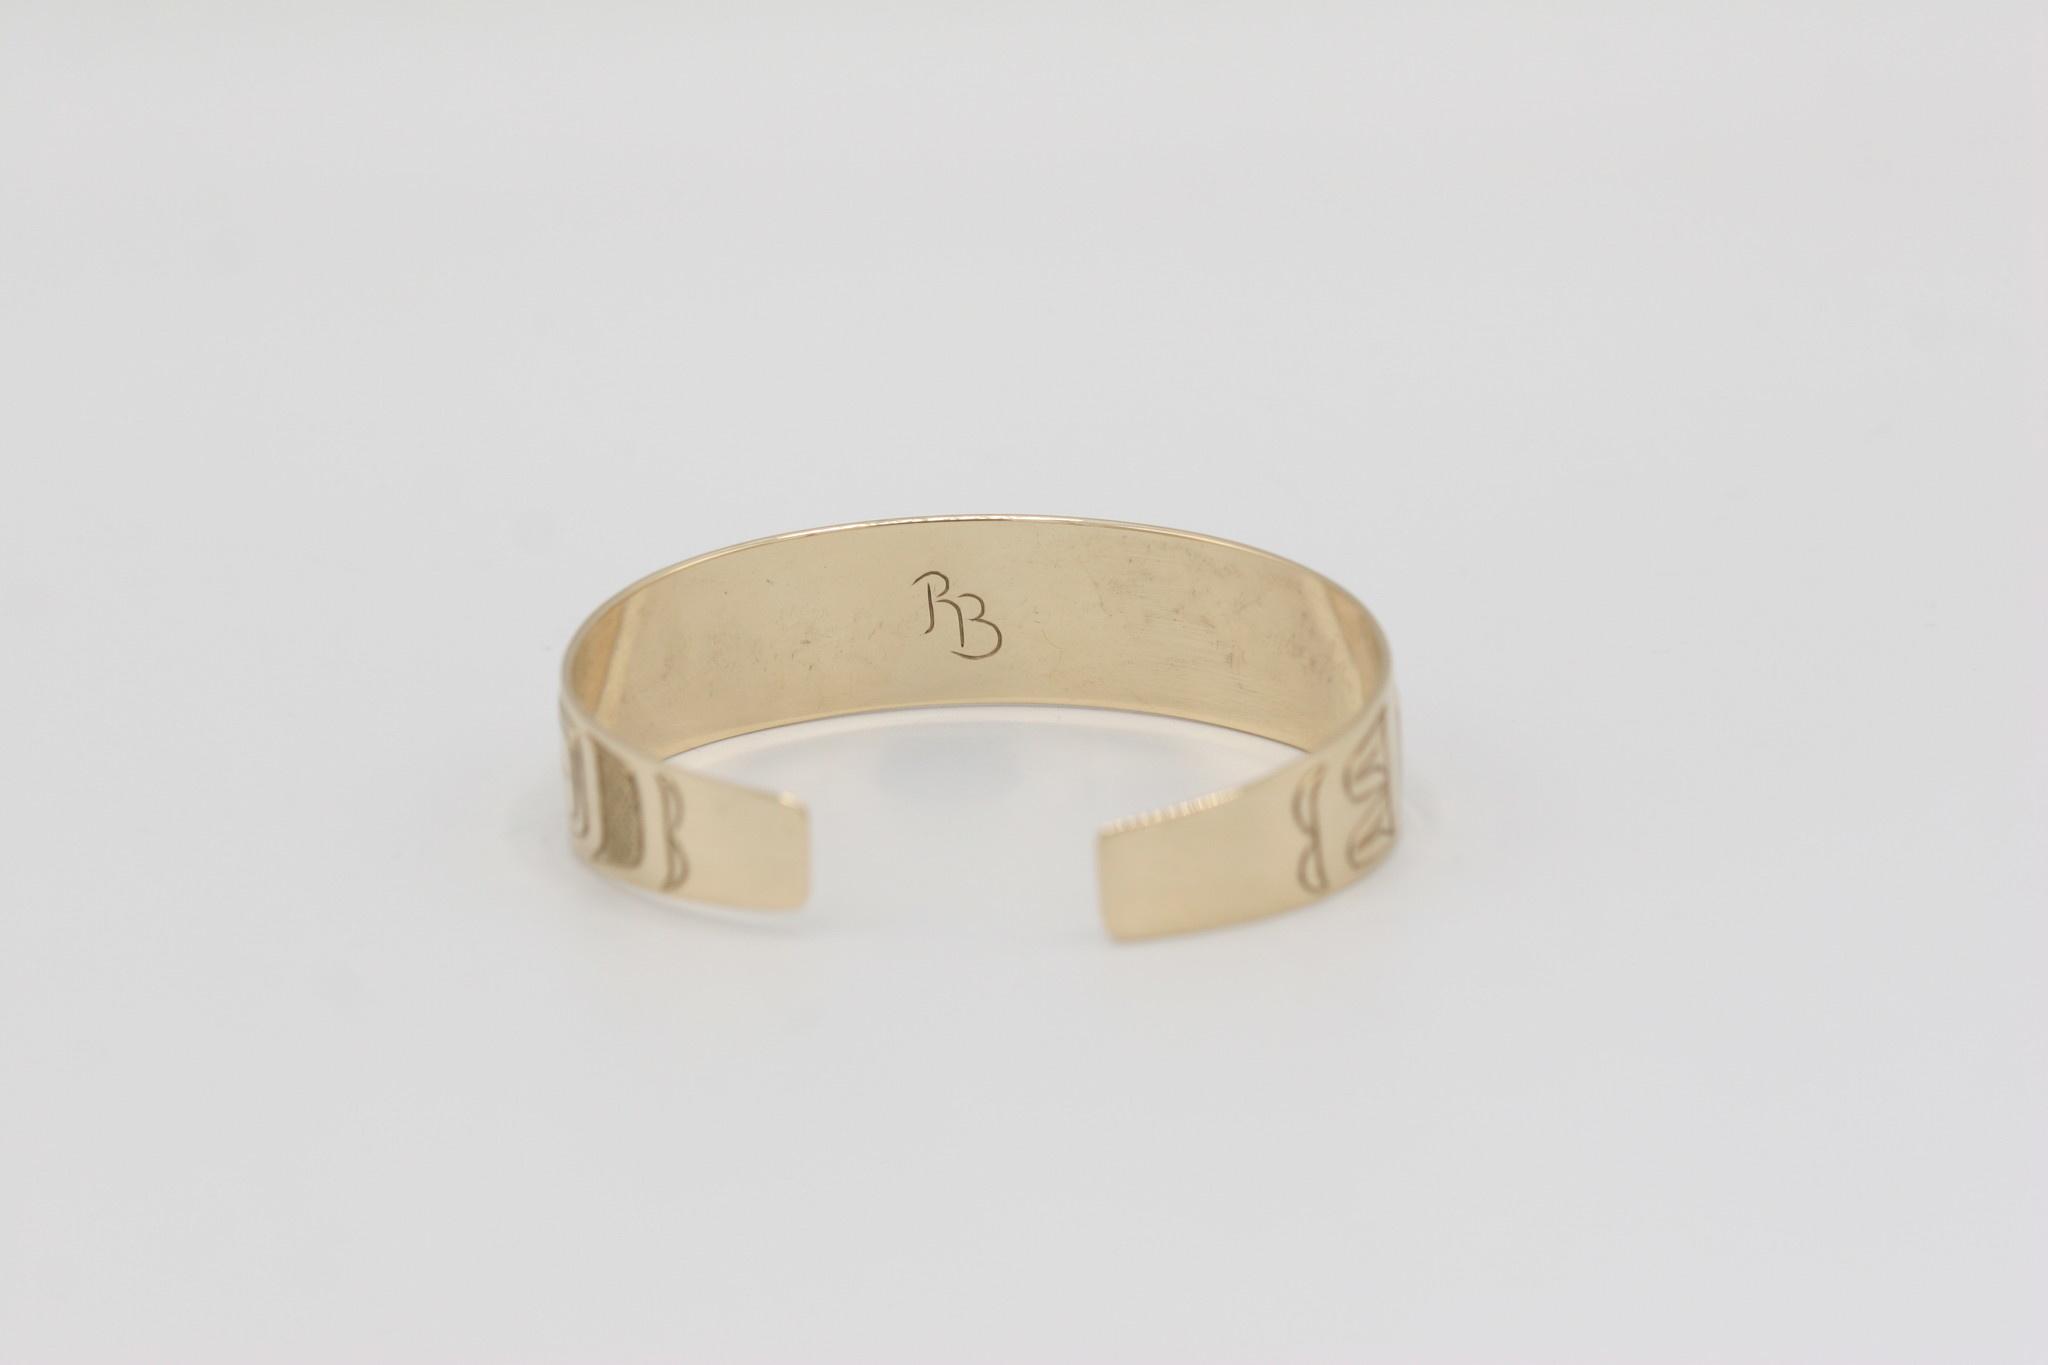 Richard Baker - Bracelet 14K Gold - Raven